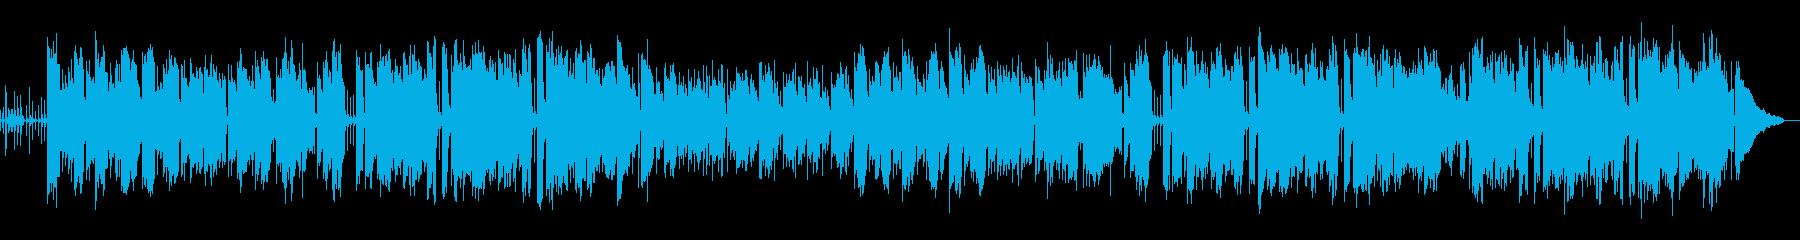 R&B調の静かな悲哀のバラードの再生済みの波形